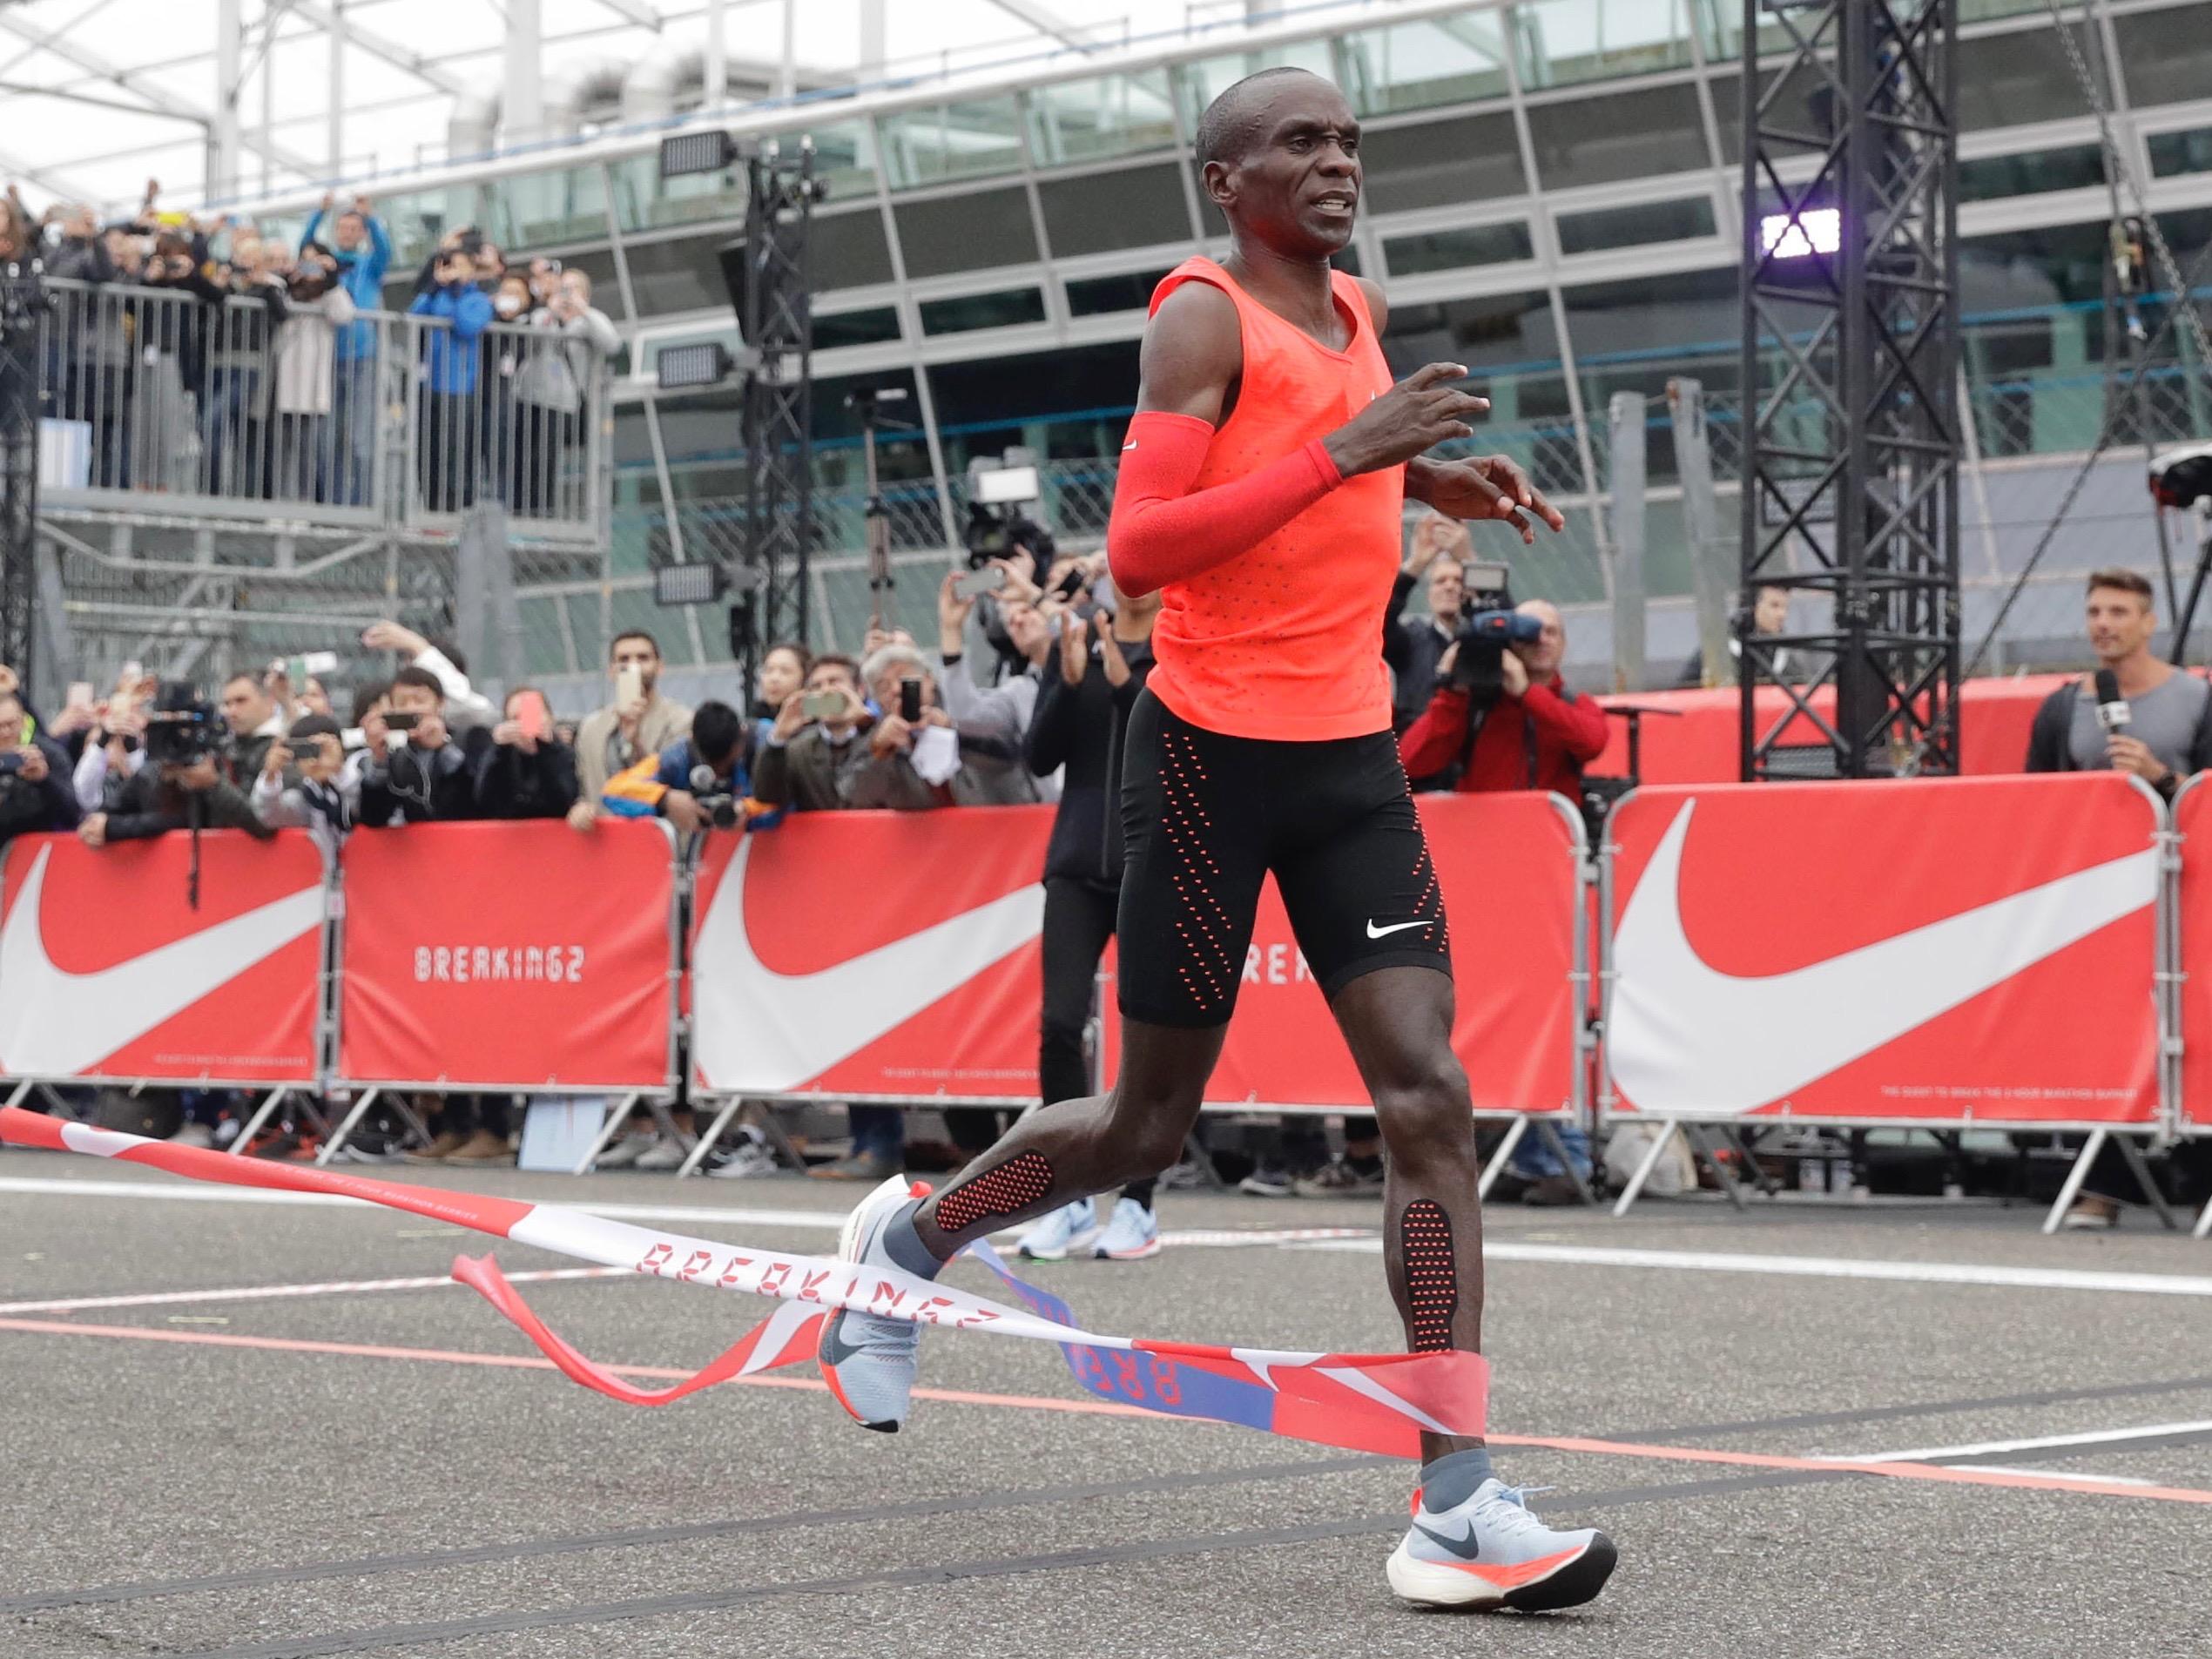 APTOPIX Italy 2 Hour Marathon